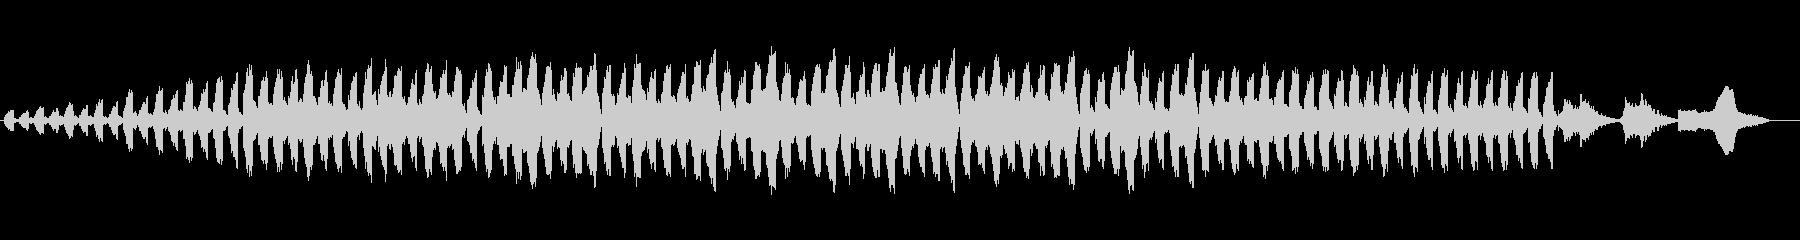 神秘的でマイナーなシンセサウンドの未再生の波形